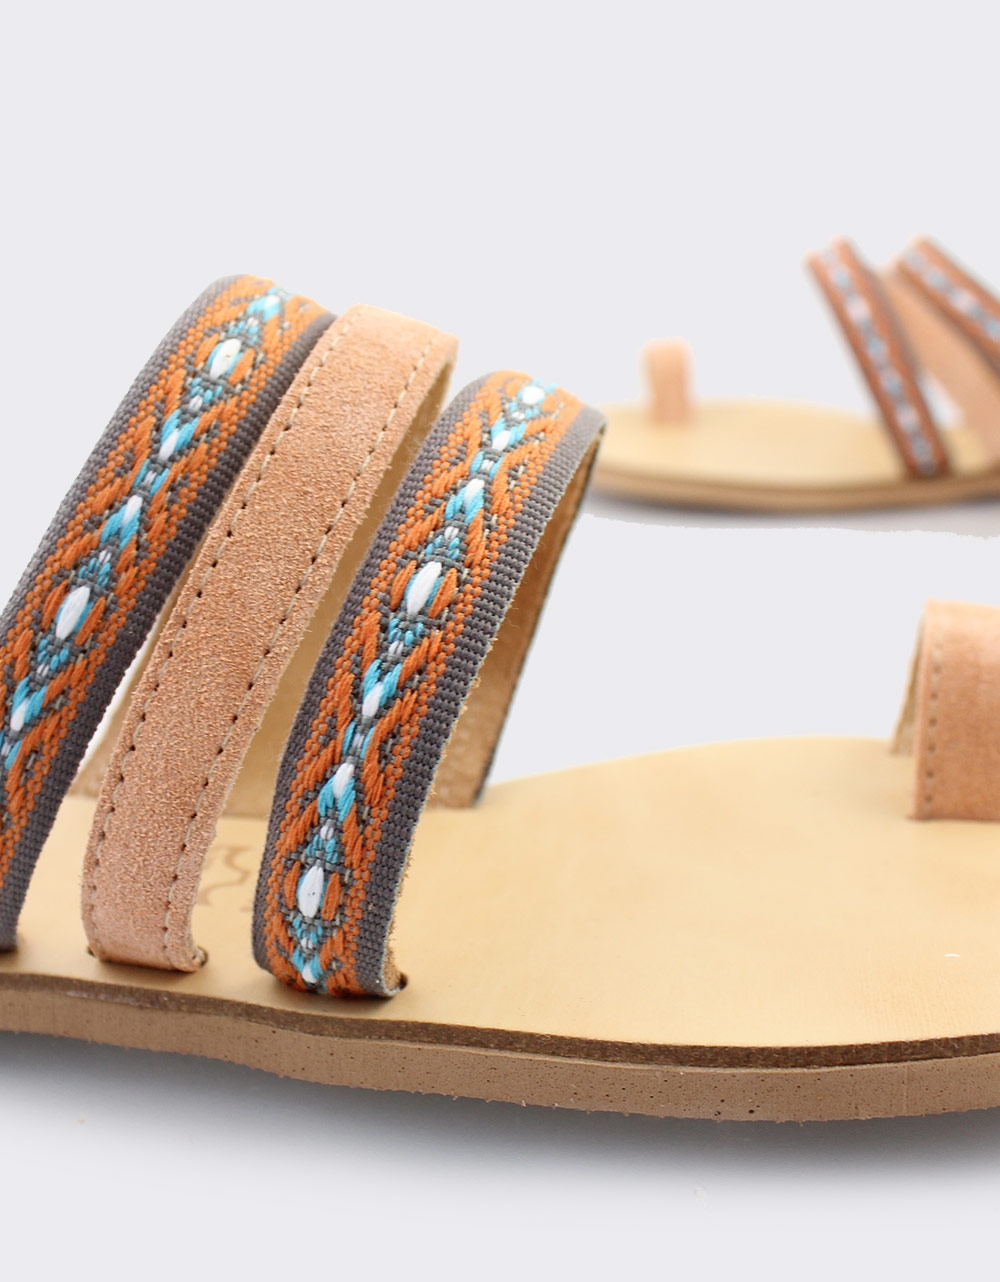 Εικόνα από Γυναικεία δερμάτινα σανδάλια με πολύχρωμο σχέδιο Σομόν